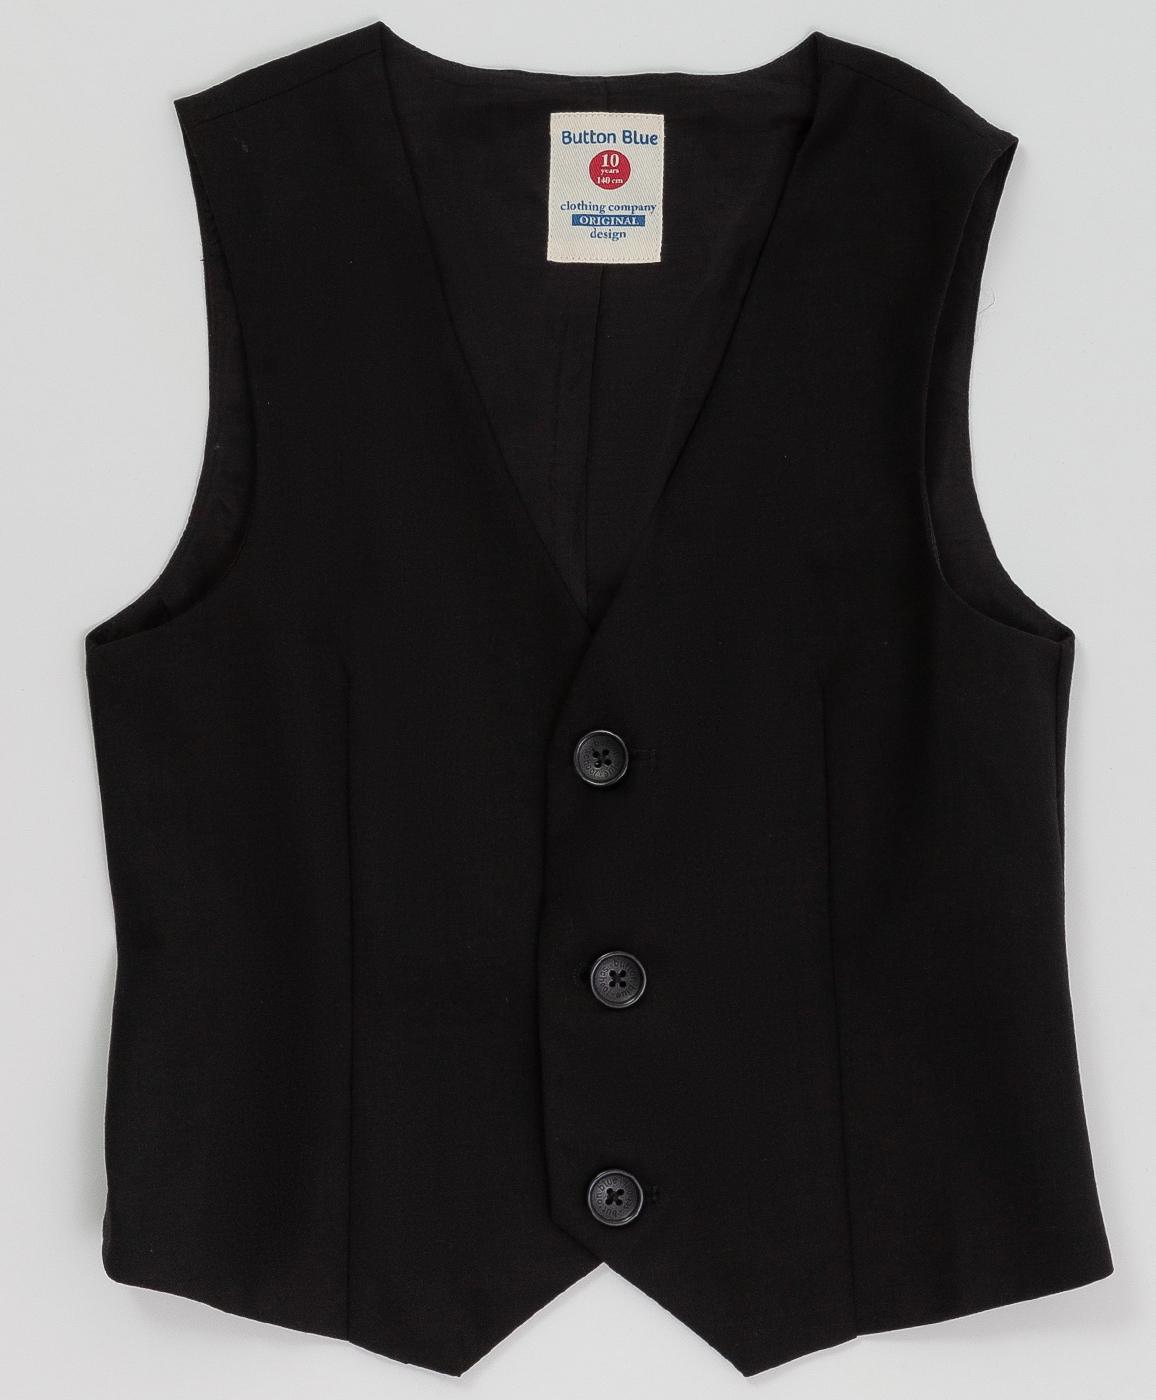 Купить 220BBBS47010800, Черный классический жилет Button Blue, черный, 140, Текстиль, Мужской, Демисезон, ШКОЛЬНАЯ ФОРМА 2020-2021 (shop: GulliverMarket Gulliver Market)